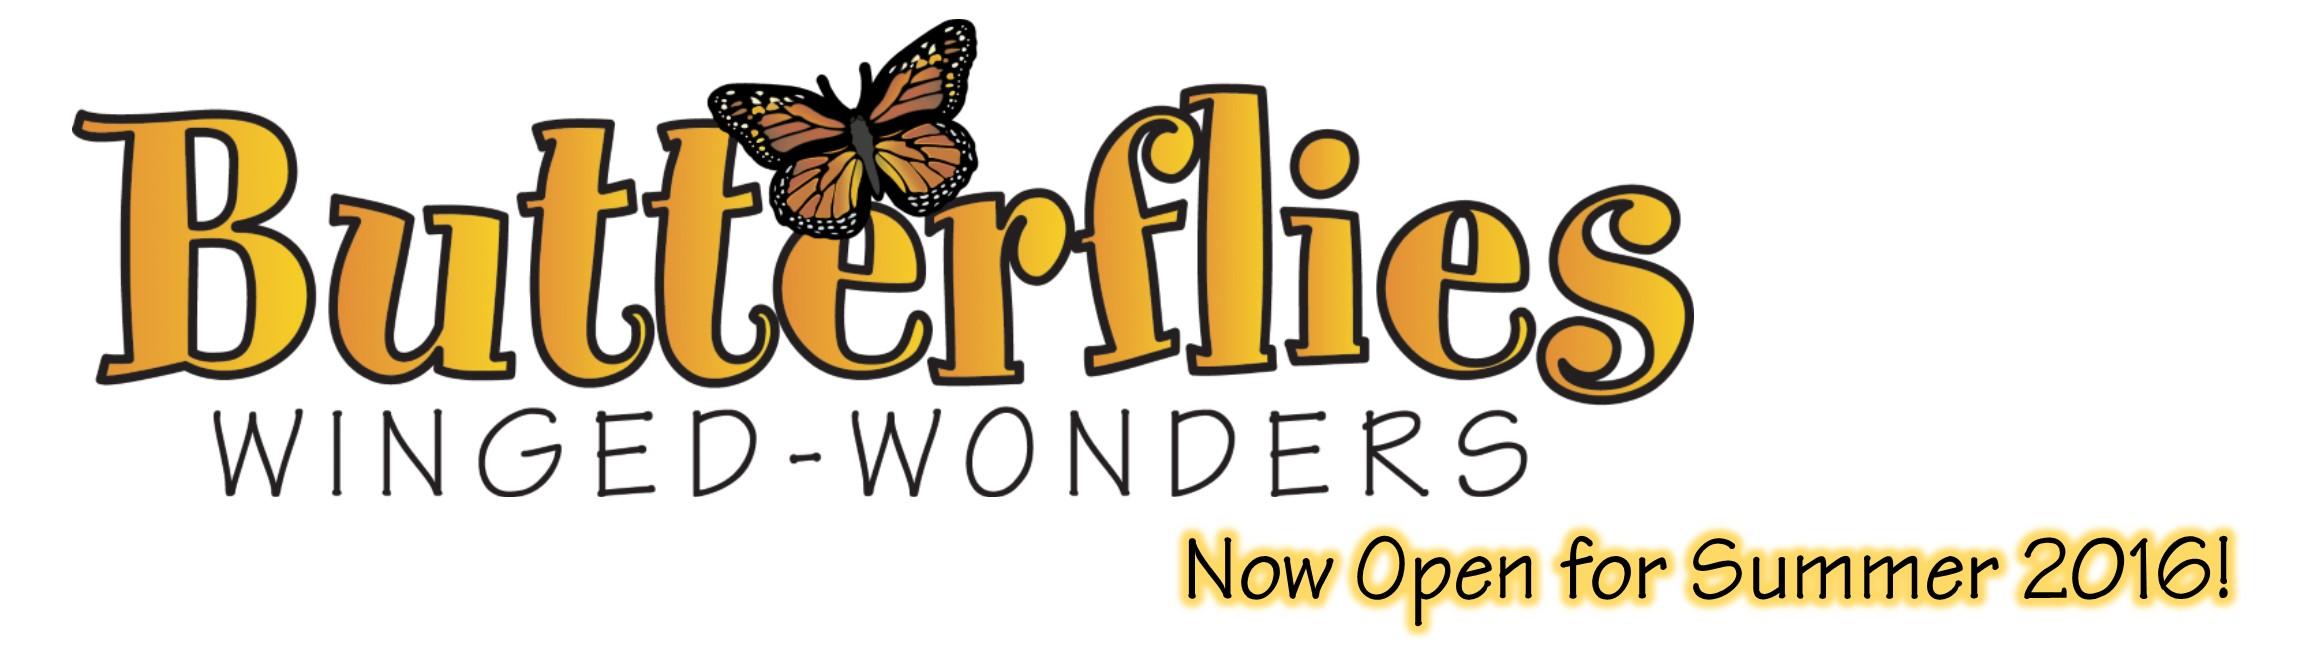 Butterfly House Open Summer 16